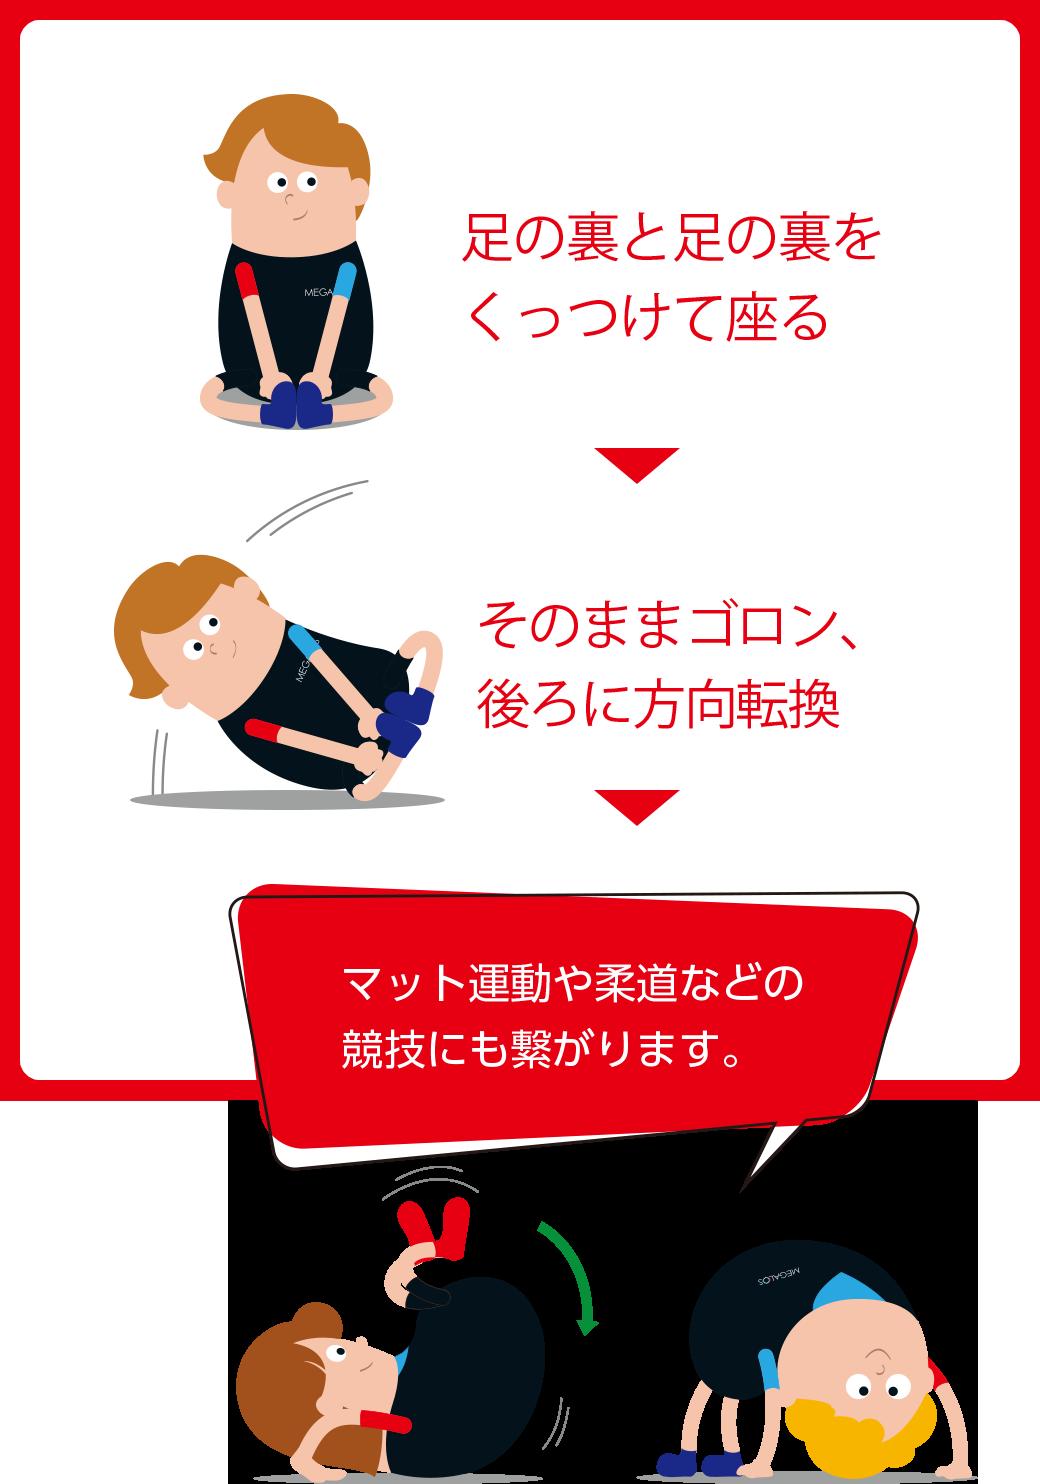 足の裏と足の裏をくっつけて座る そのままゴロン、後ろに方向転換 マット運動や柔道などの競技にも繋がります。